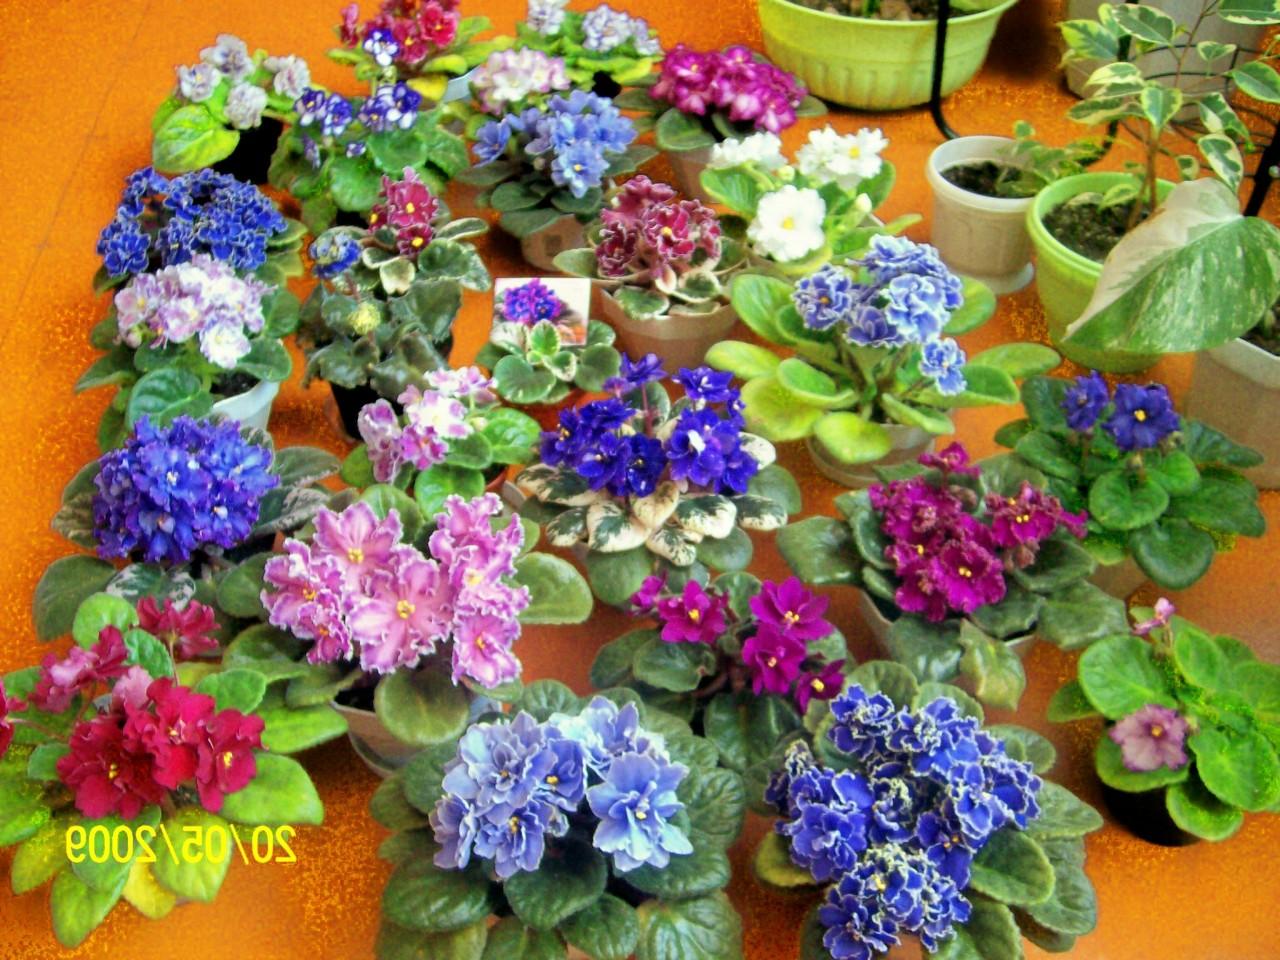 Домашняя Фиалка - 72 фото лучших декоративных комнатных цветов 49